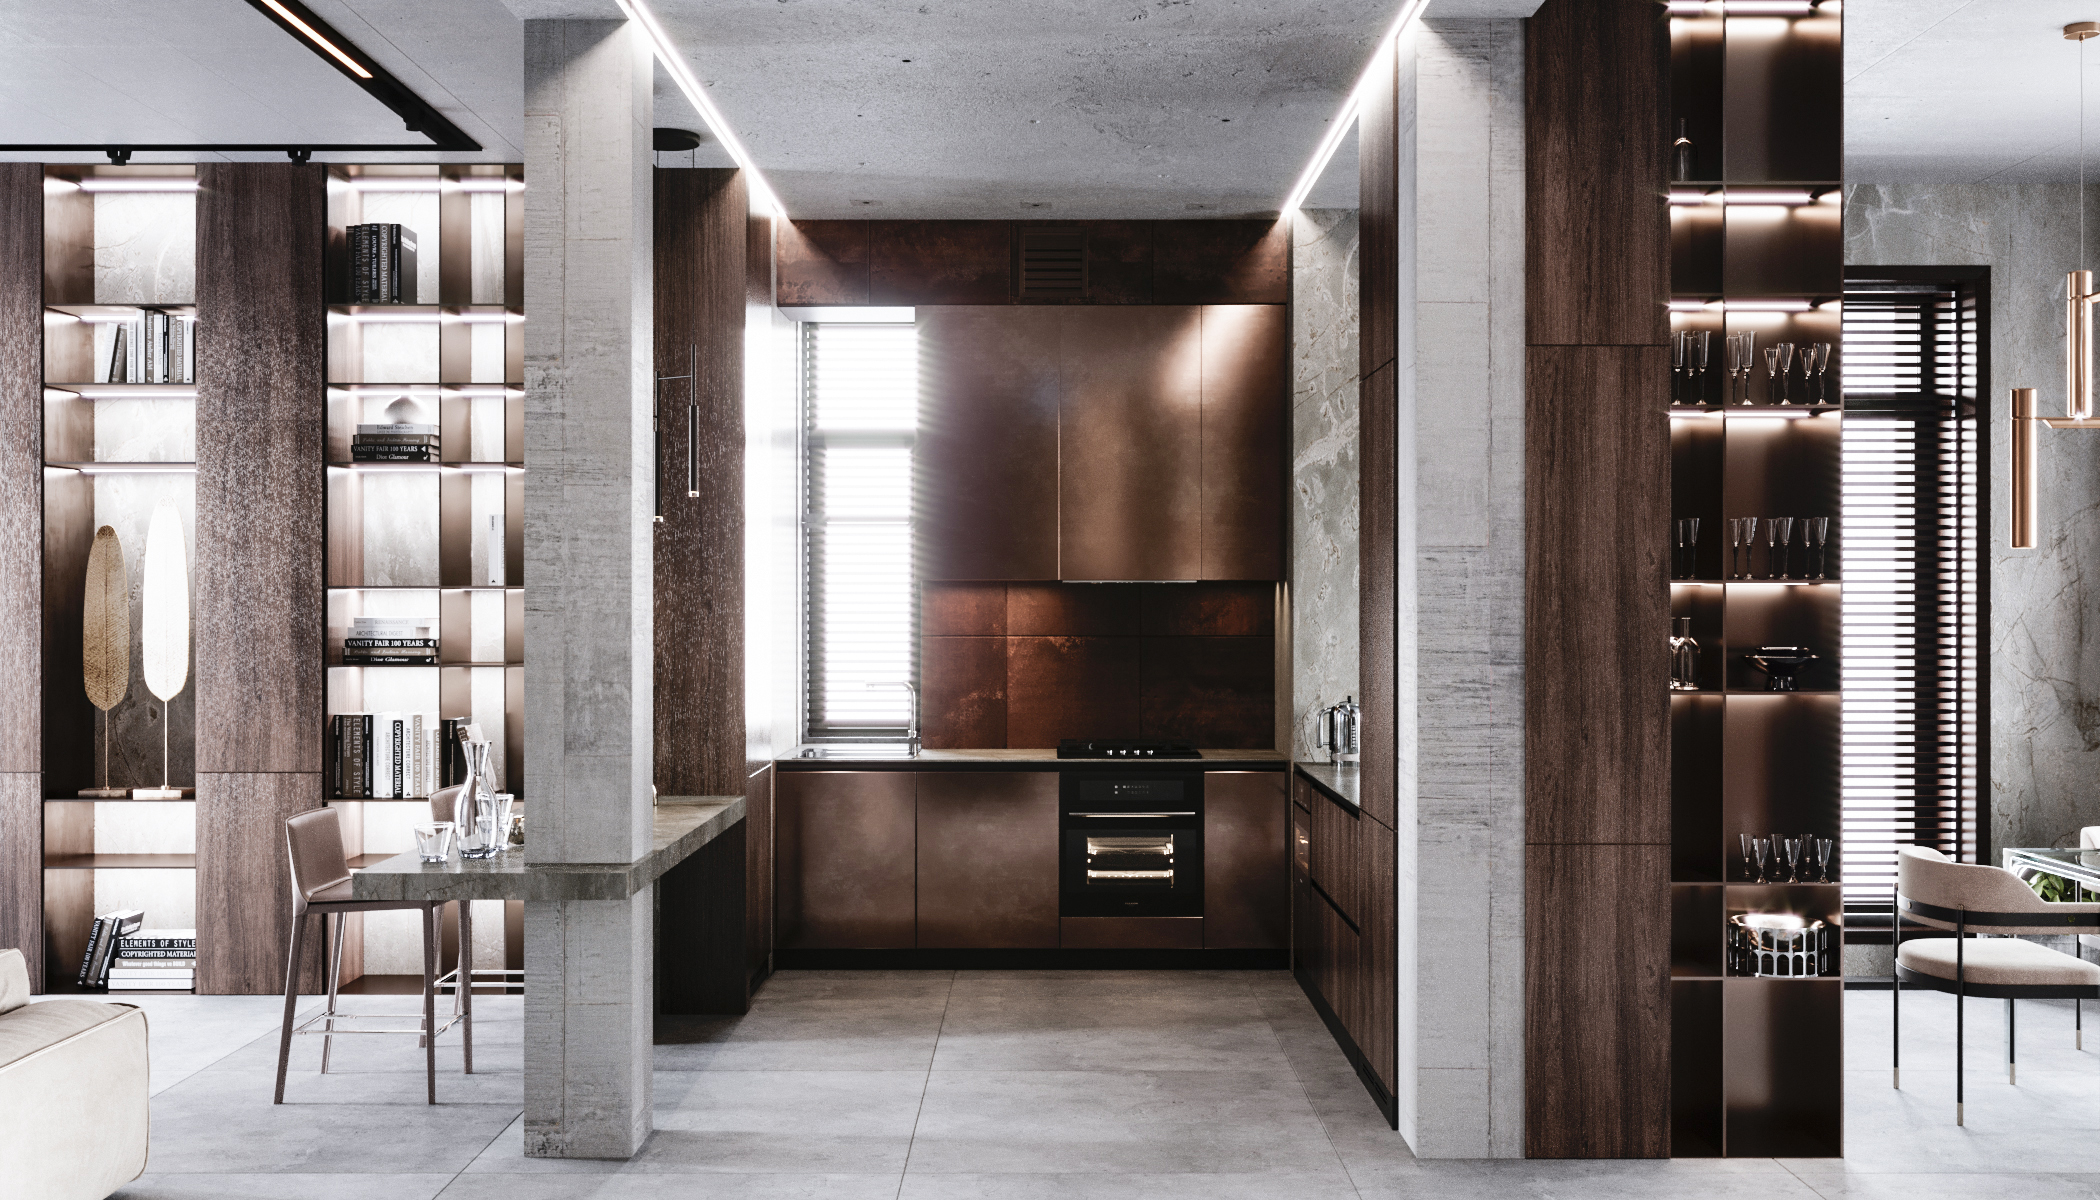 Изначально мы предлагали выполнить кухню из металла, но заказчикам стала ближе идея со средиземноморскими мотивами